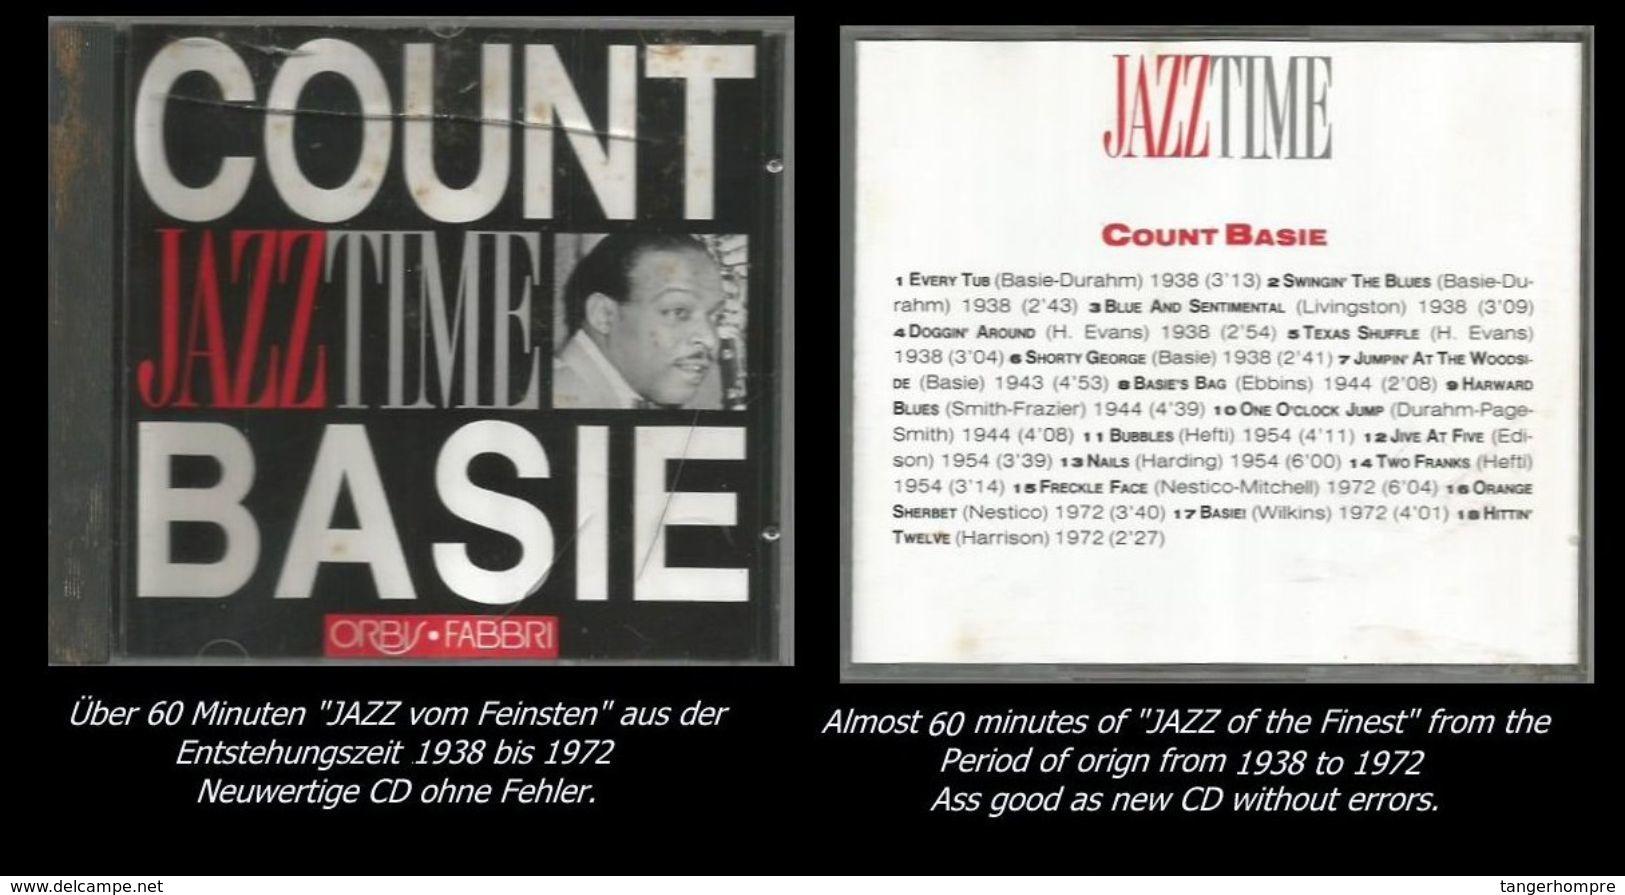 60 Minuten Jazz Von Count Basie - Jazz Of Finest - From 1938 To 1972 - Jazz